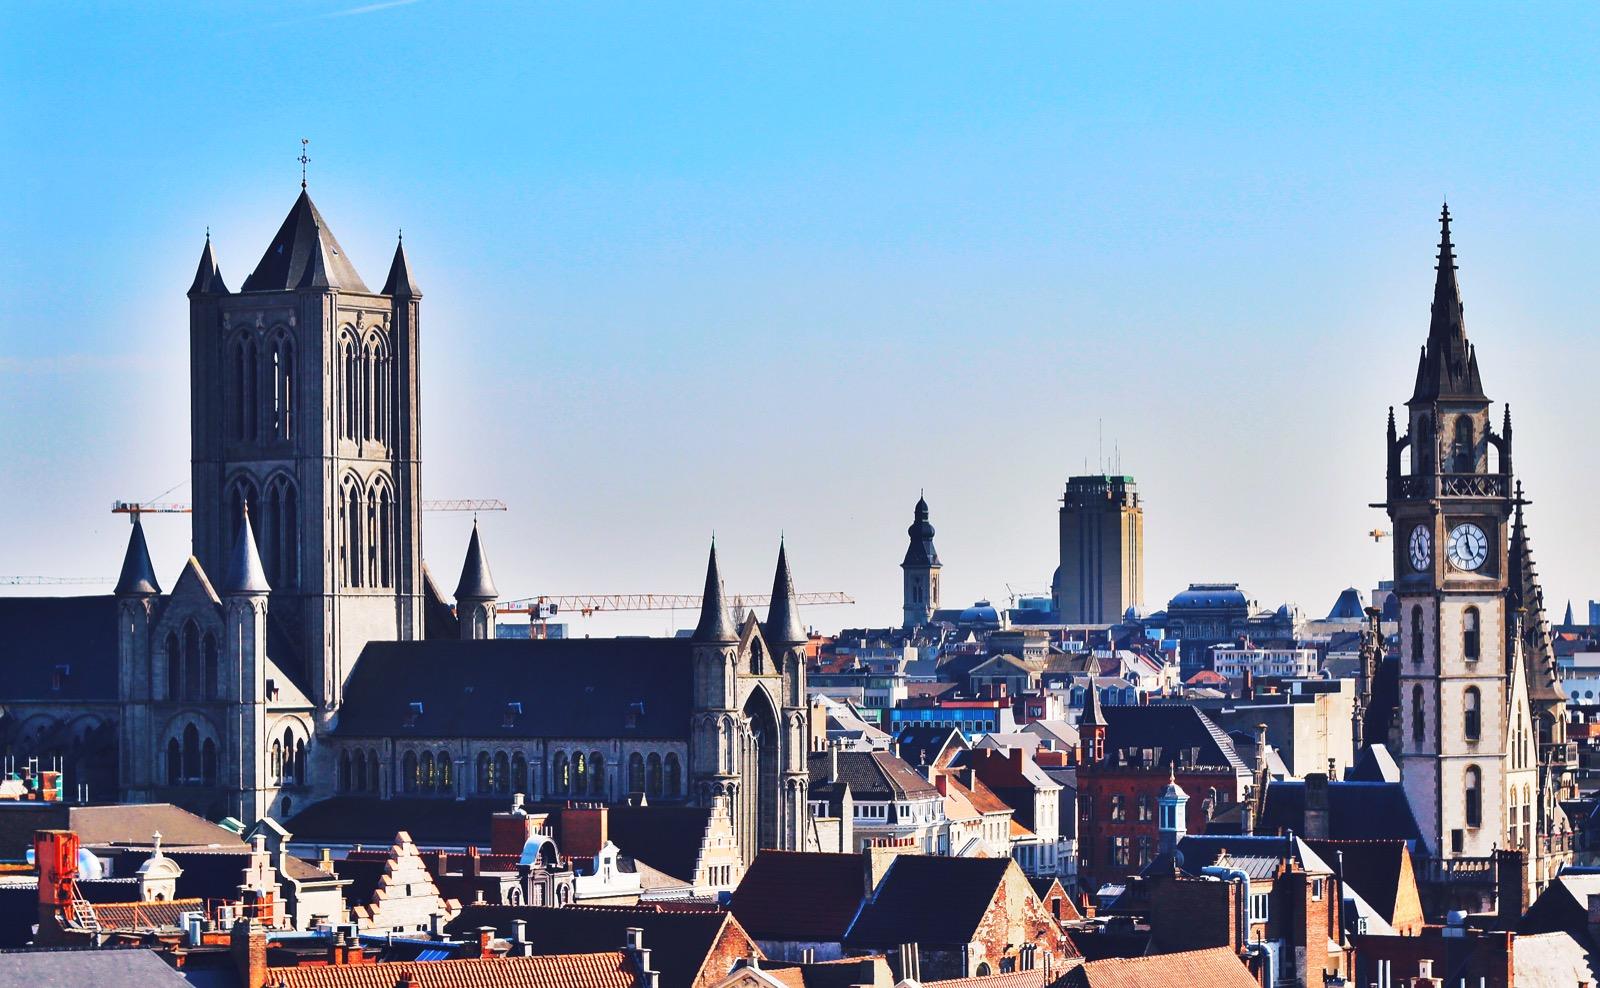 Ghent's church heavy skyline